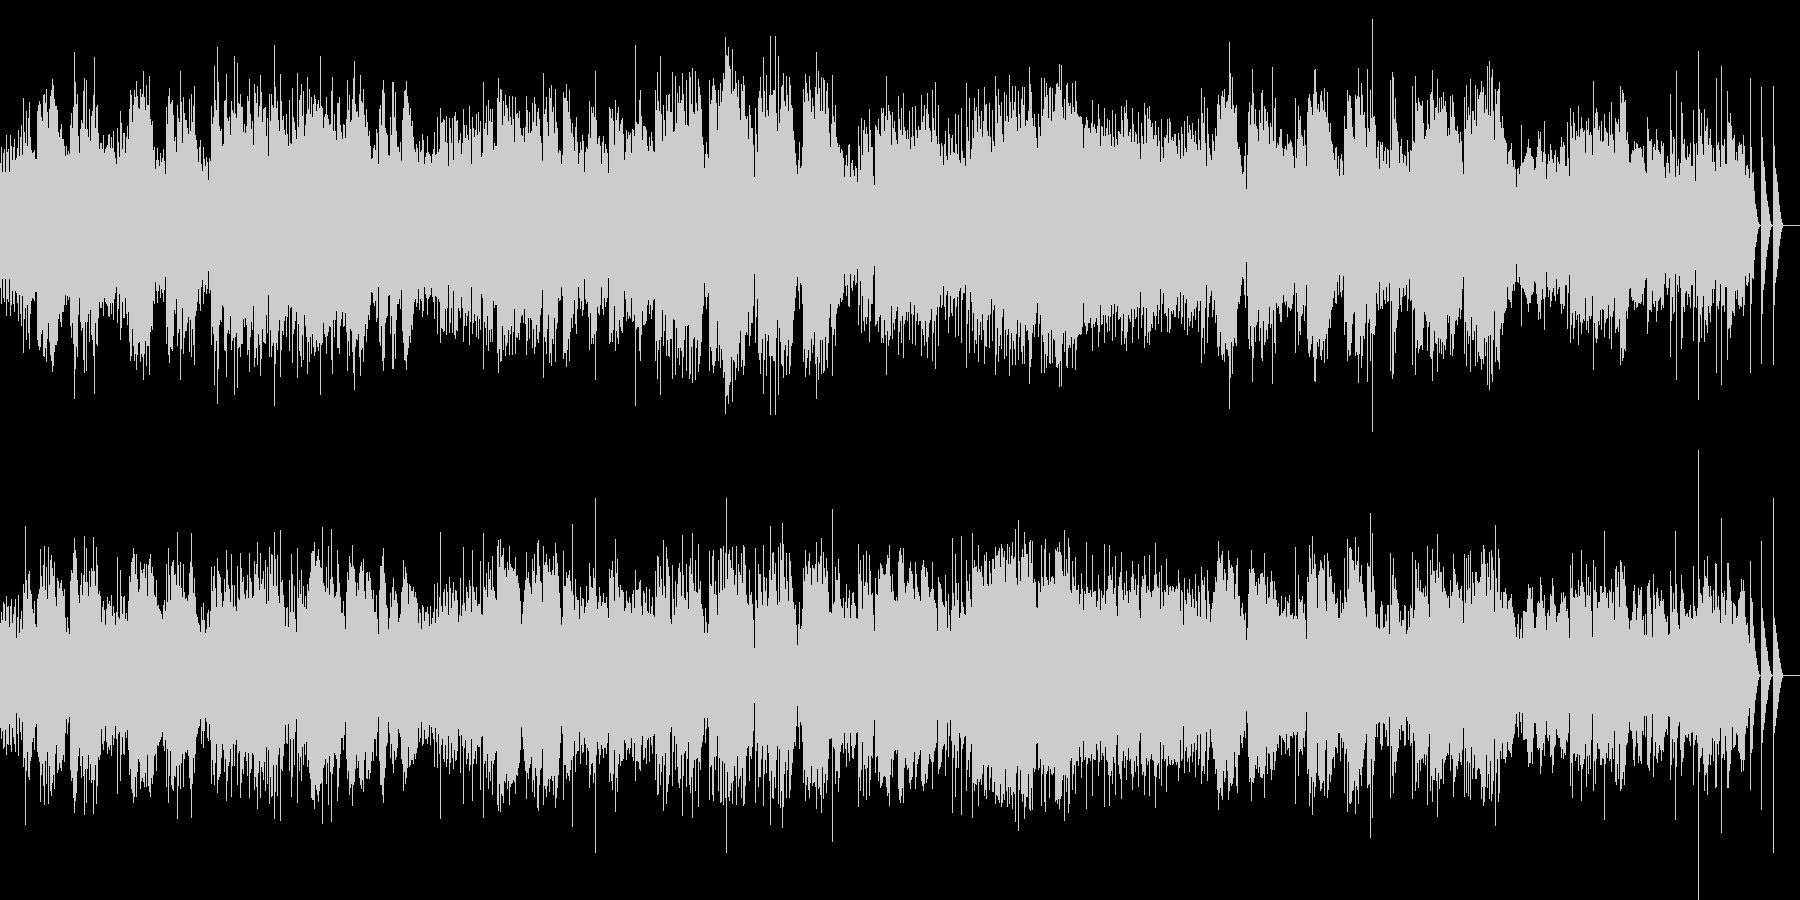 ベルガマスク組曲 パスピエ オルゴールの未再生の波形